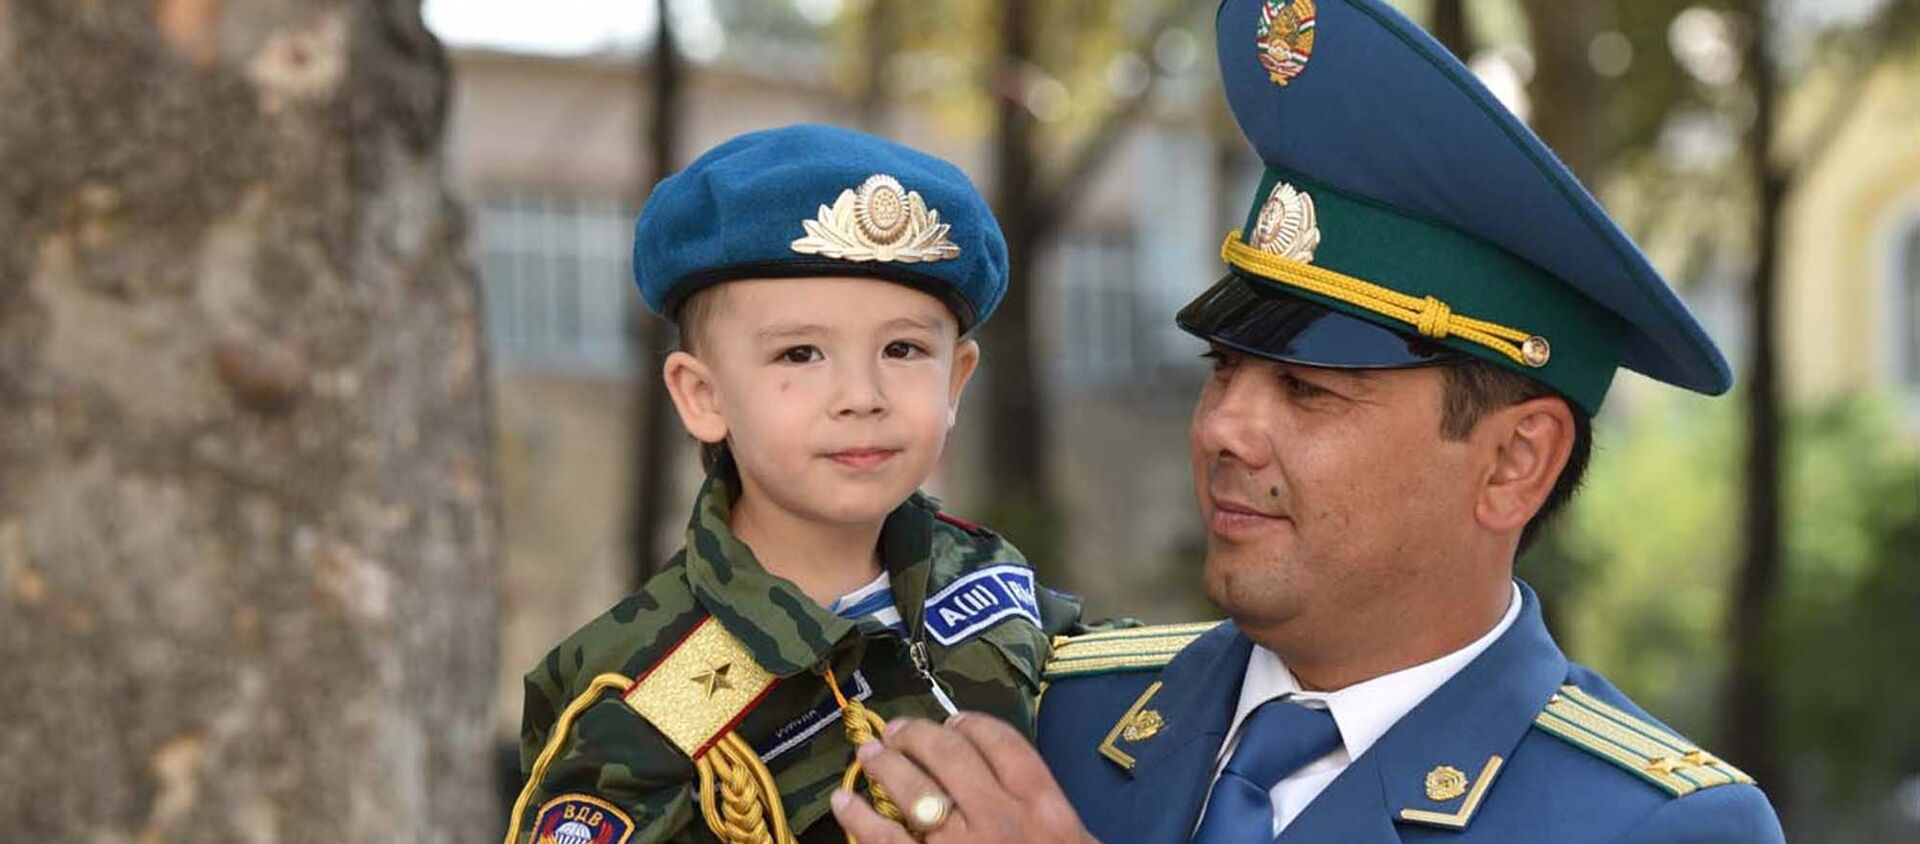 Военный парад в честь 25-летия Независимости Таджикистана   - Sputnik Таджикистан, 1920, 23.02.2021